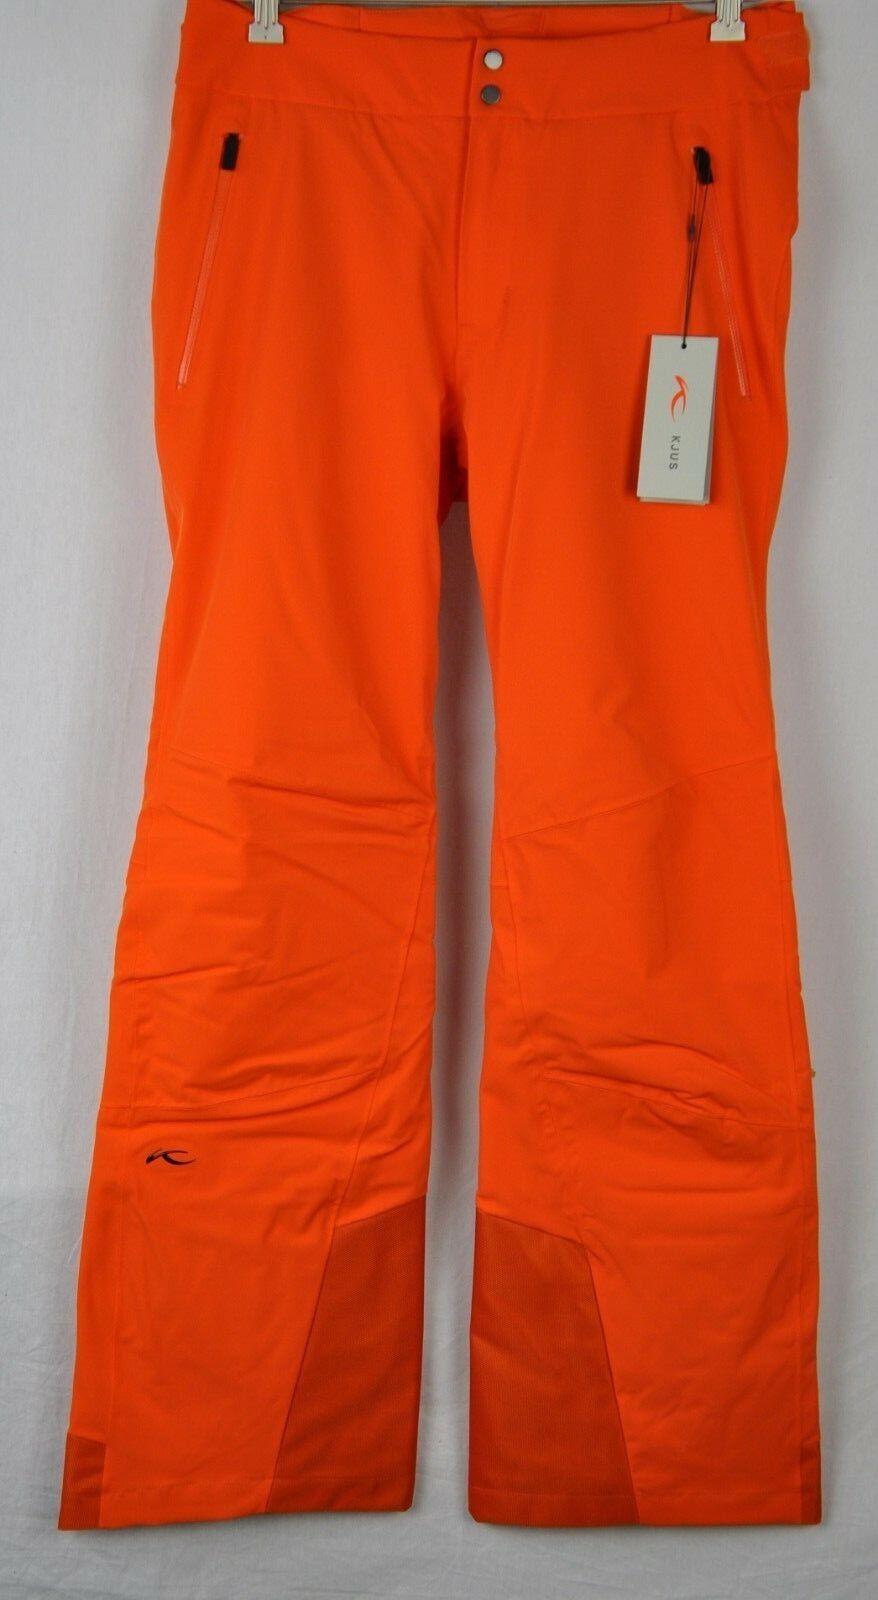 Kjus Mens Formula Insulated Ski Snow Pants MS20-E03 Kjus orange Size 48